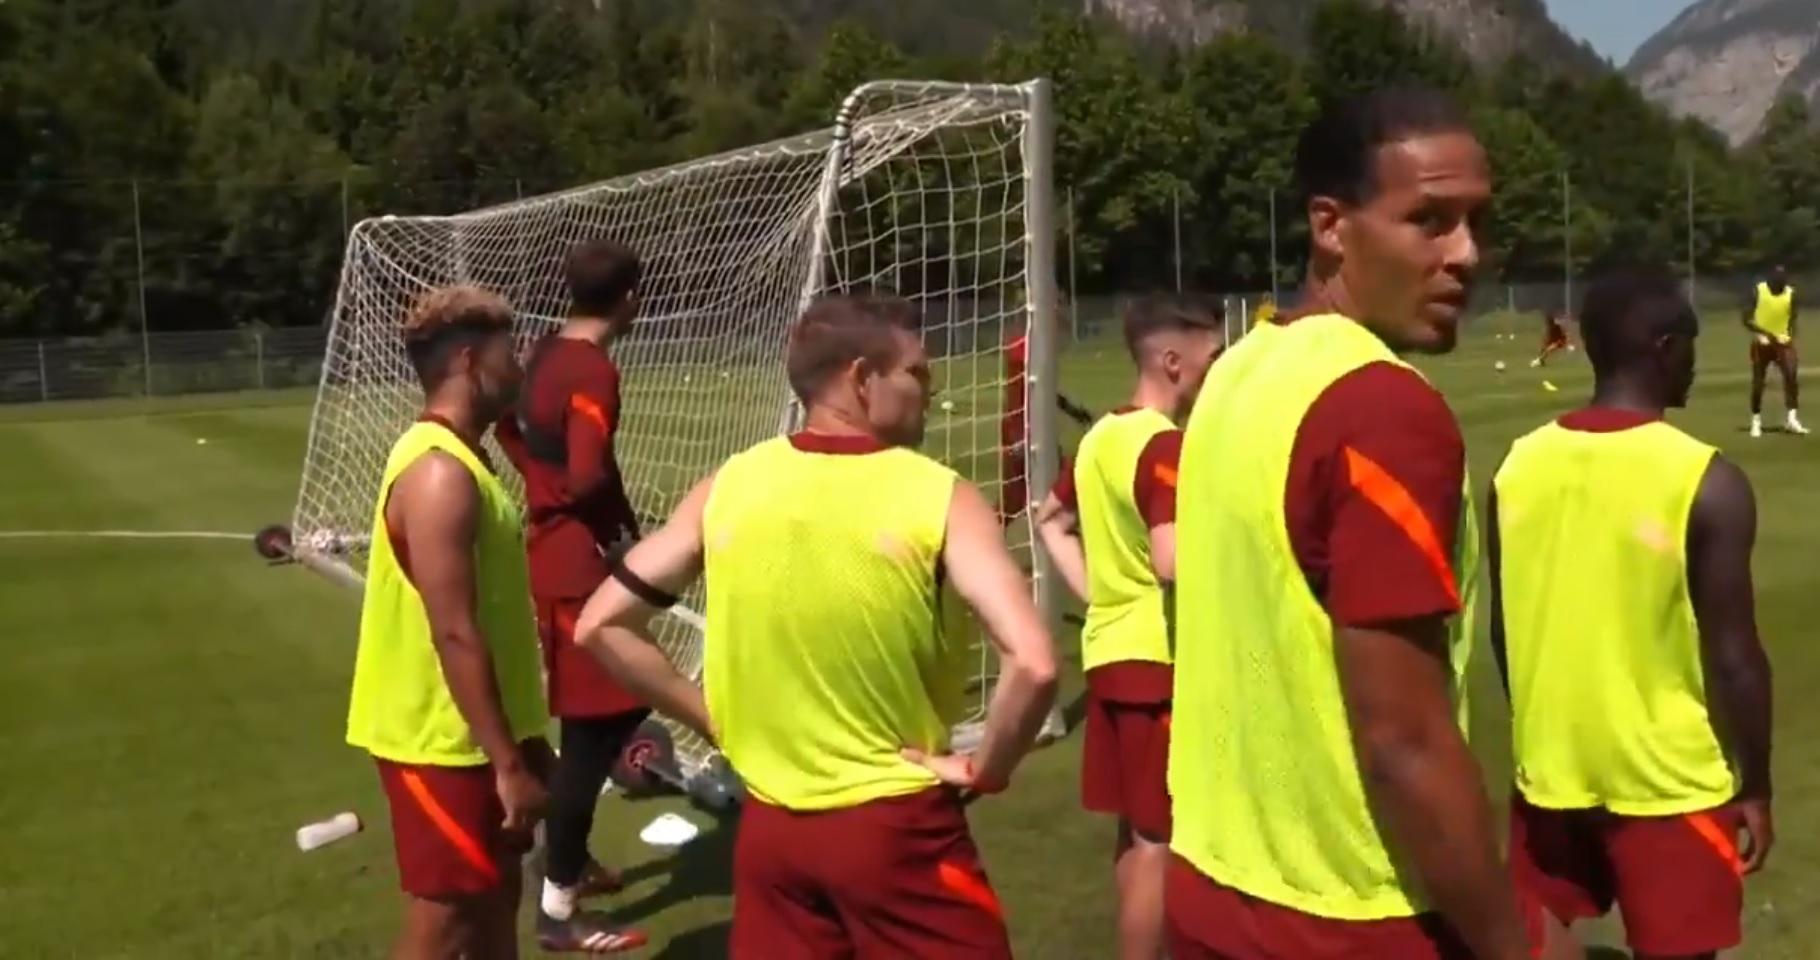 (Video) Van Dijk hands Liverpool goalkeeper Kelleher huge praise in training: 'Playing like Dida'